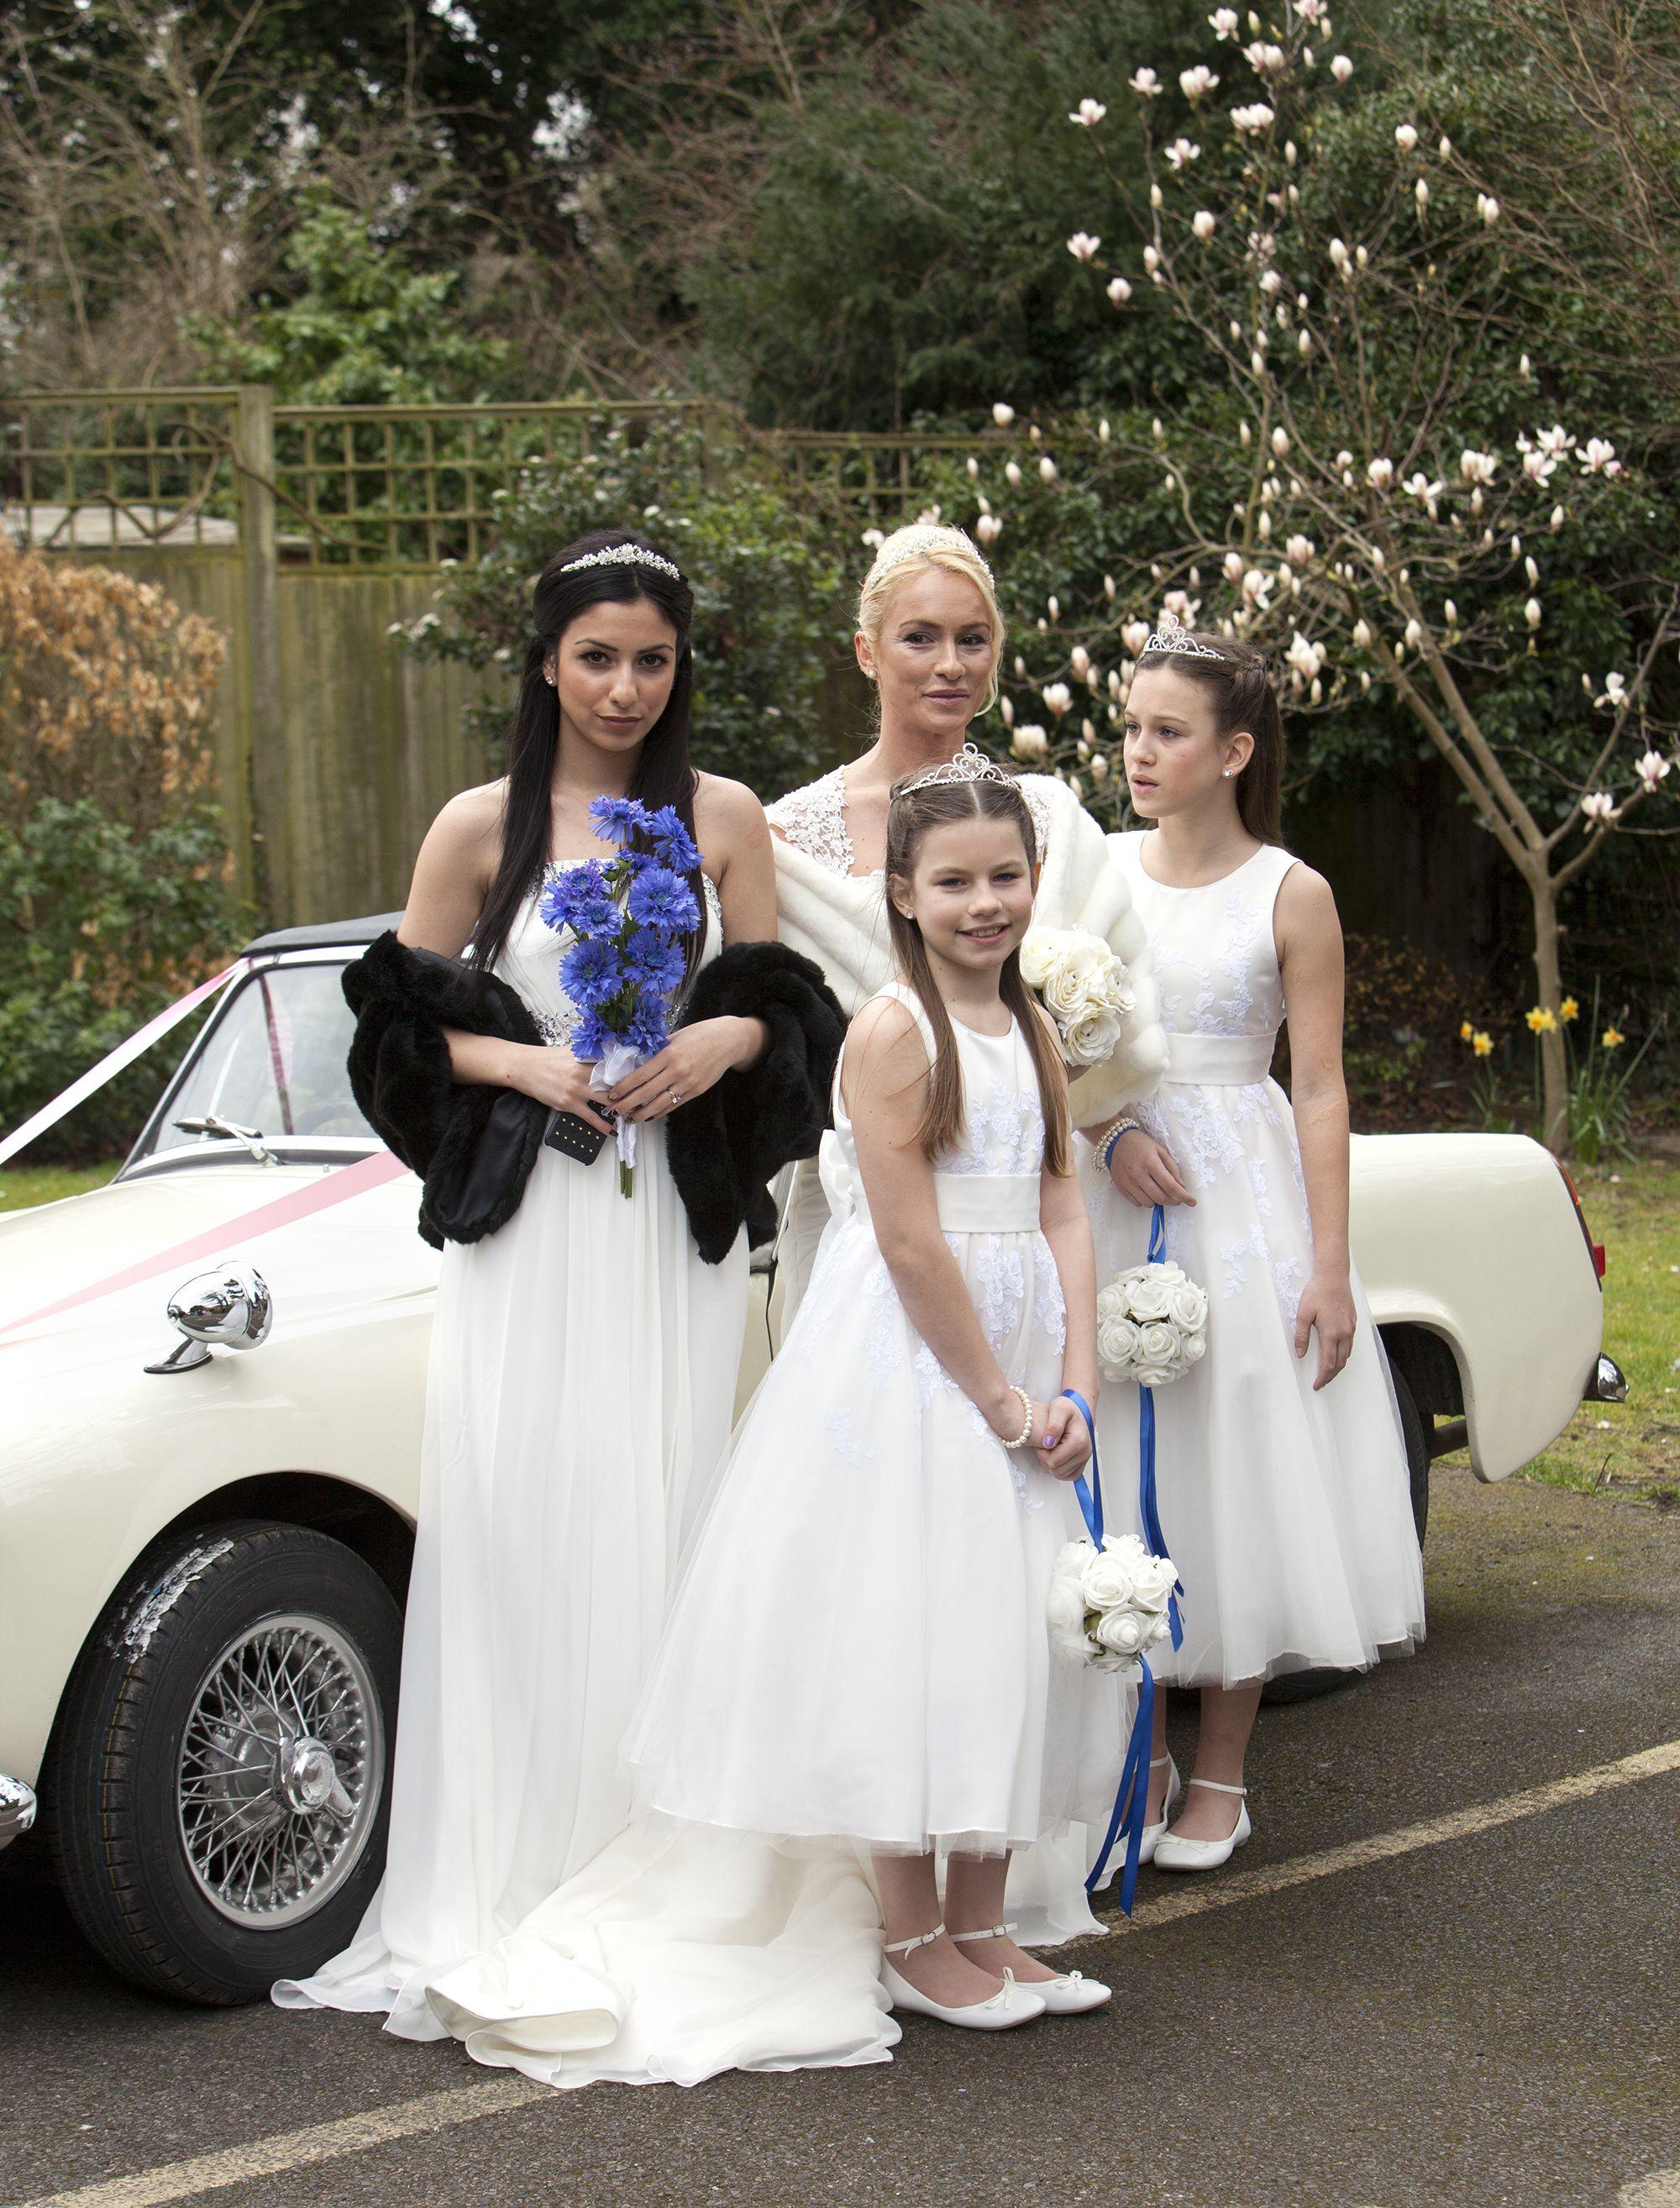 Bride And Bridesmaids With Magnolia